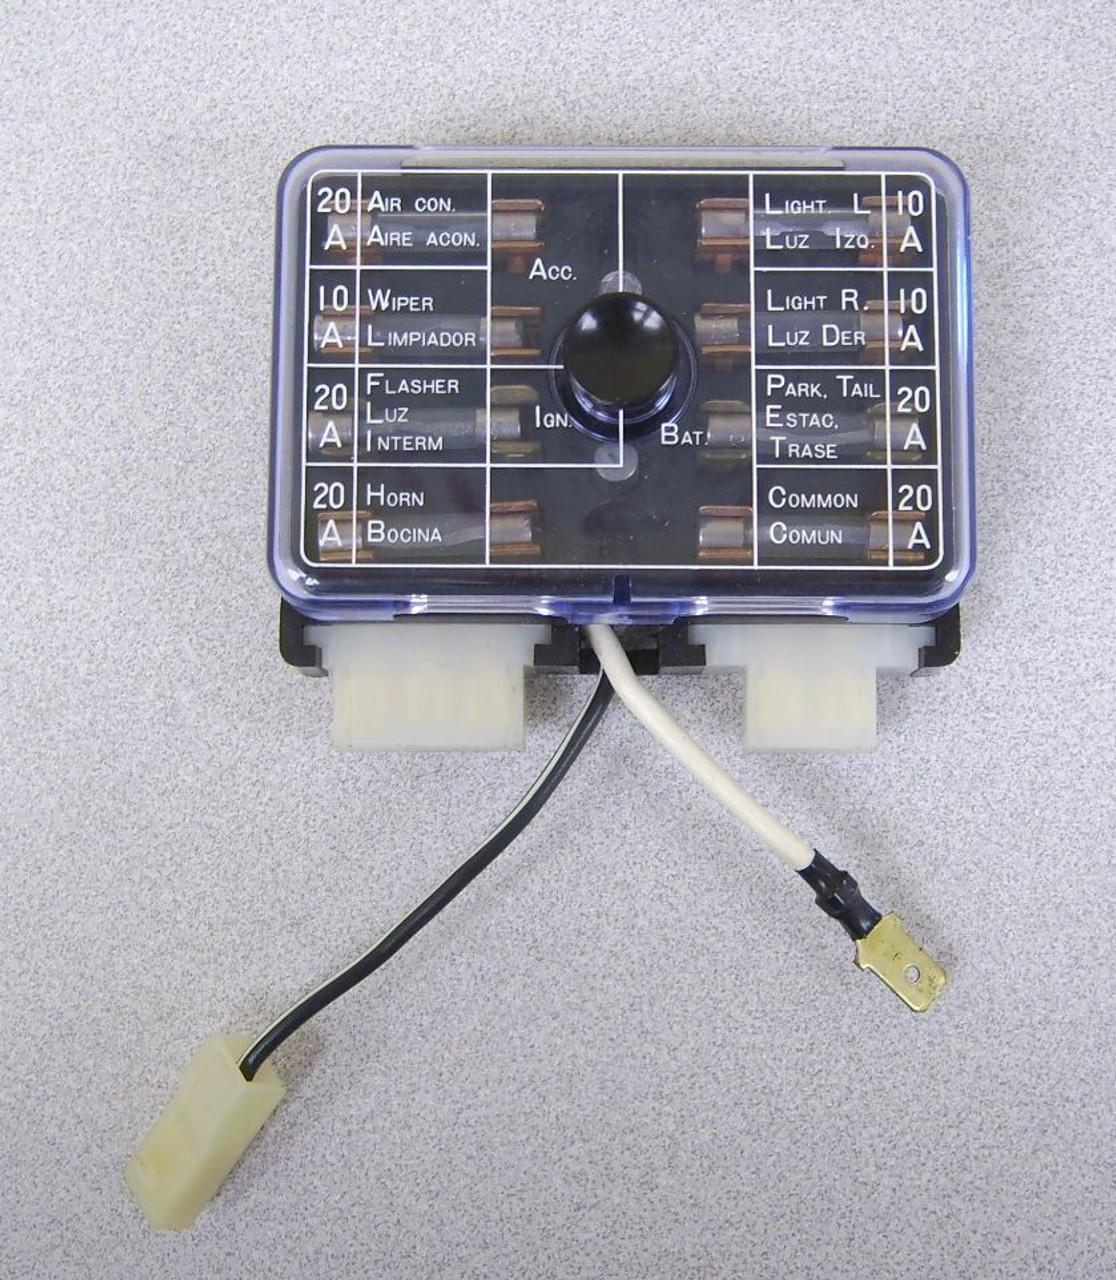 Fuse Box In Bat - Wiring Diagram SchemesWiring Diagram Schemes - Mein-Raetien